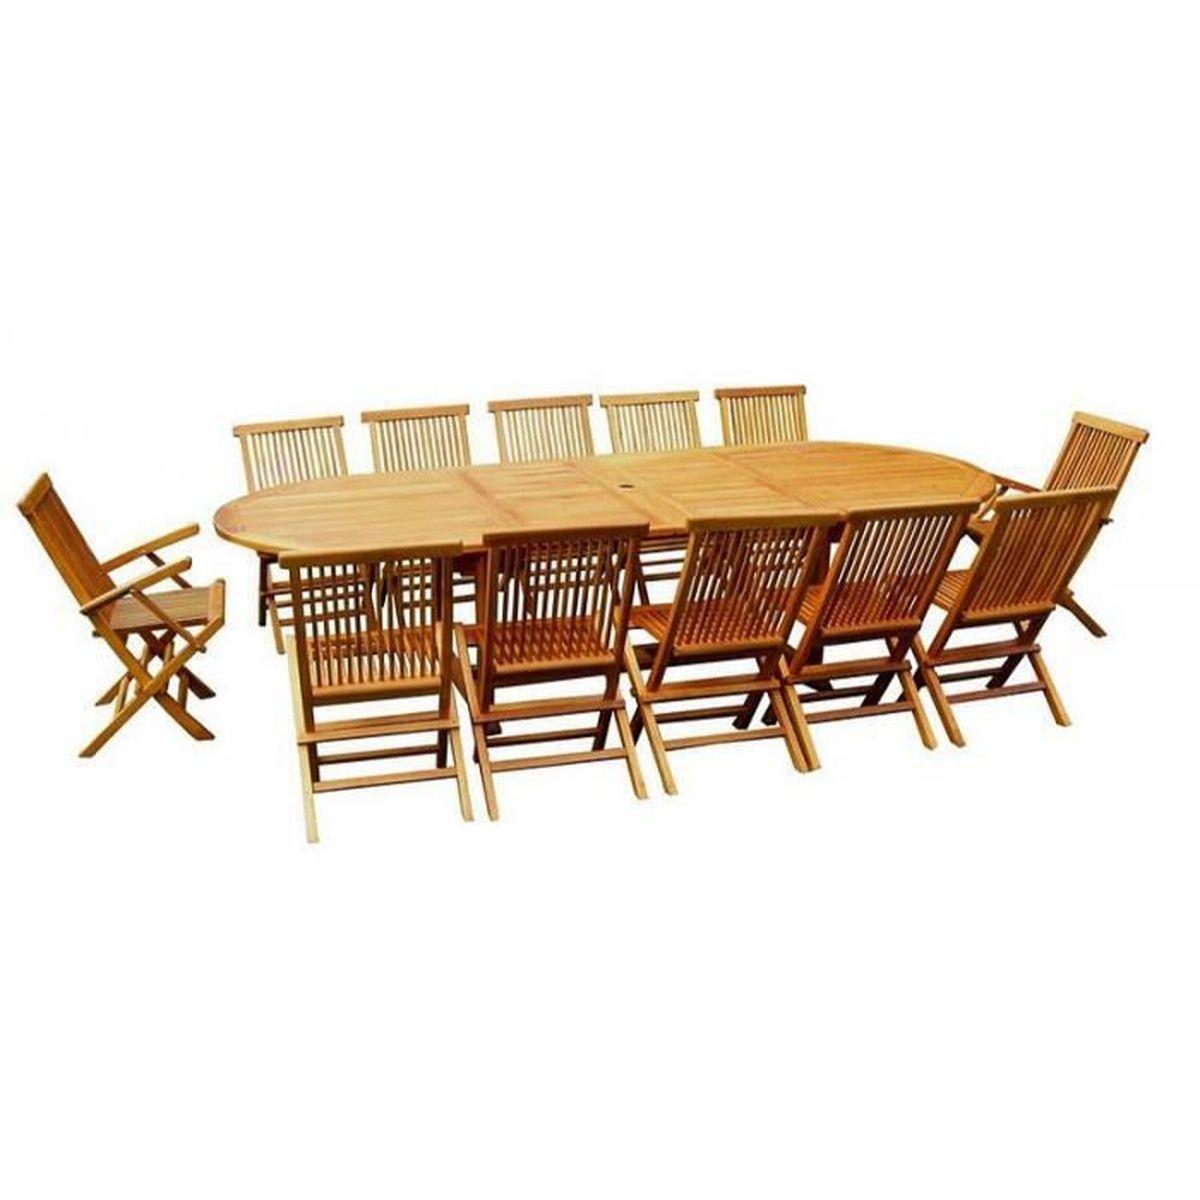 Table et chaise de jardin en teck pas cher elegant table - Table et chaise de jardin en teck pas cher ...